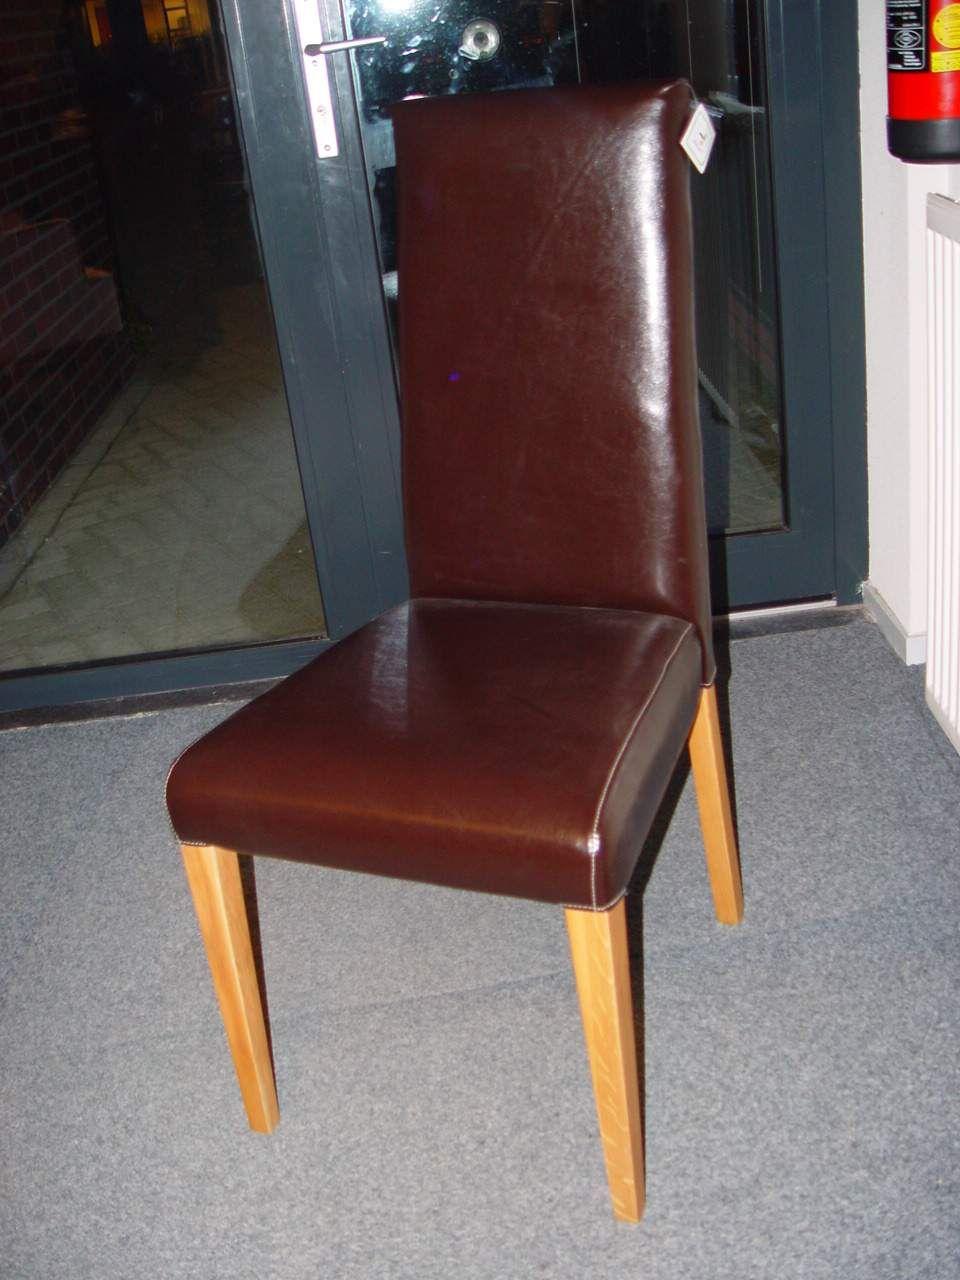 Leren eettafel stoelen affordable leren eettafel stoelen for Tweedehands eetkamerstoelen